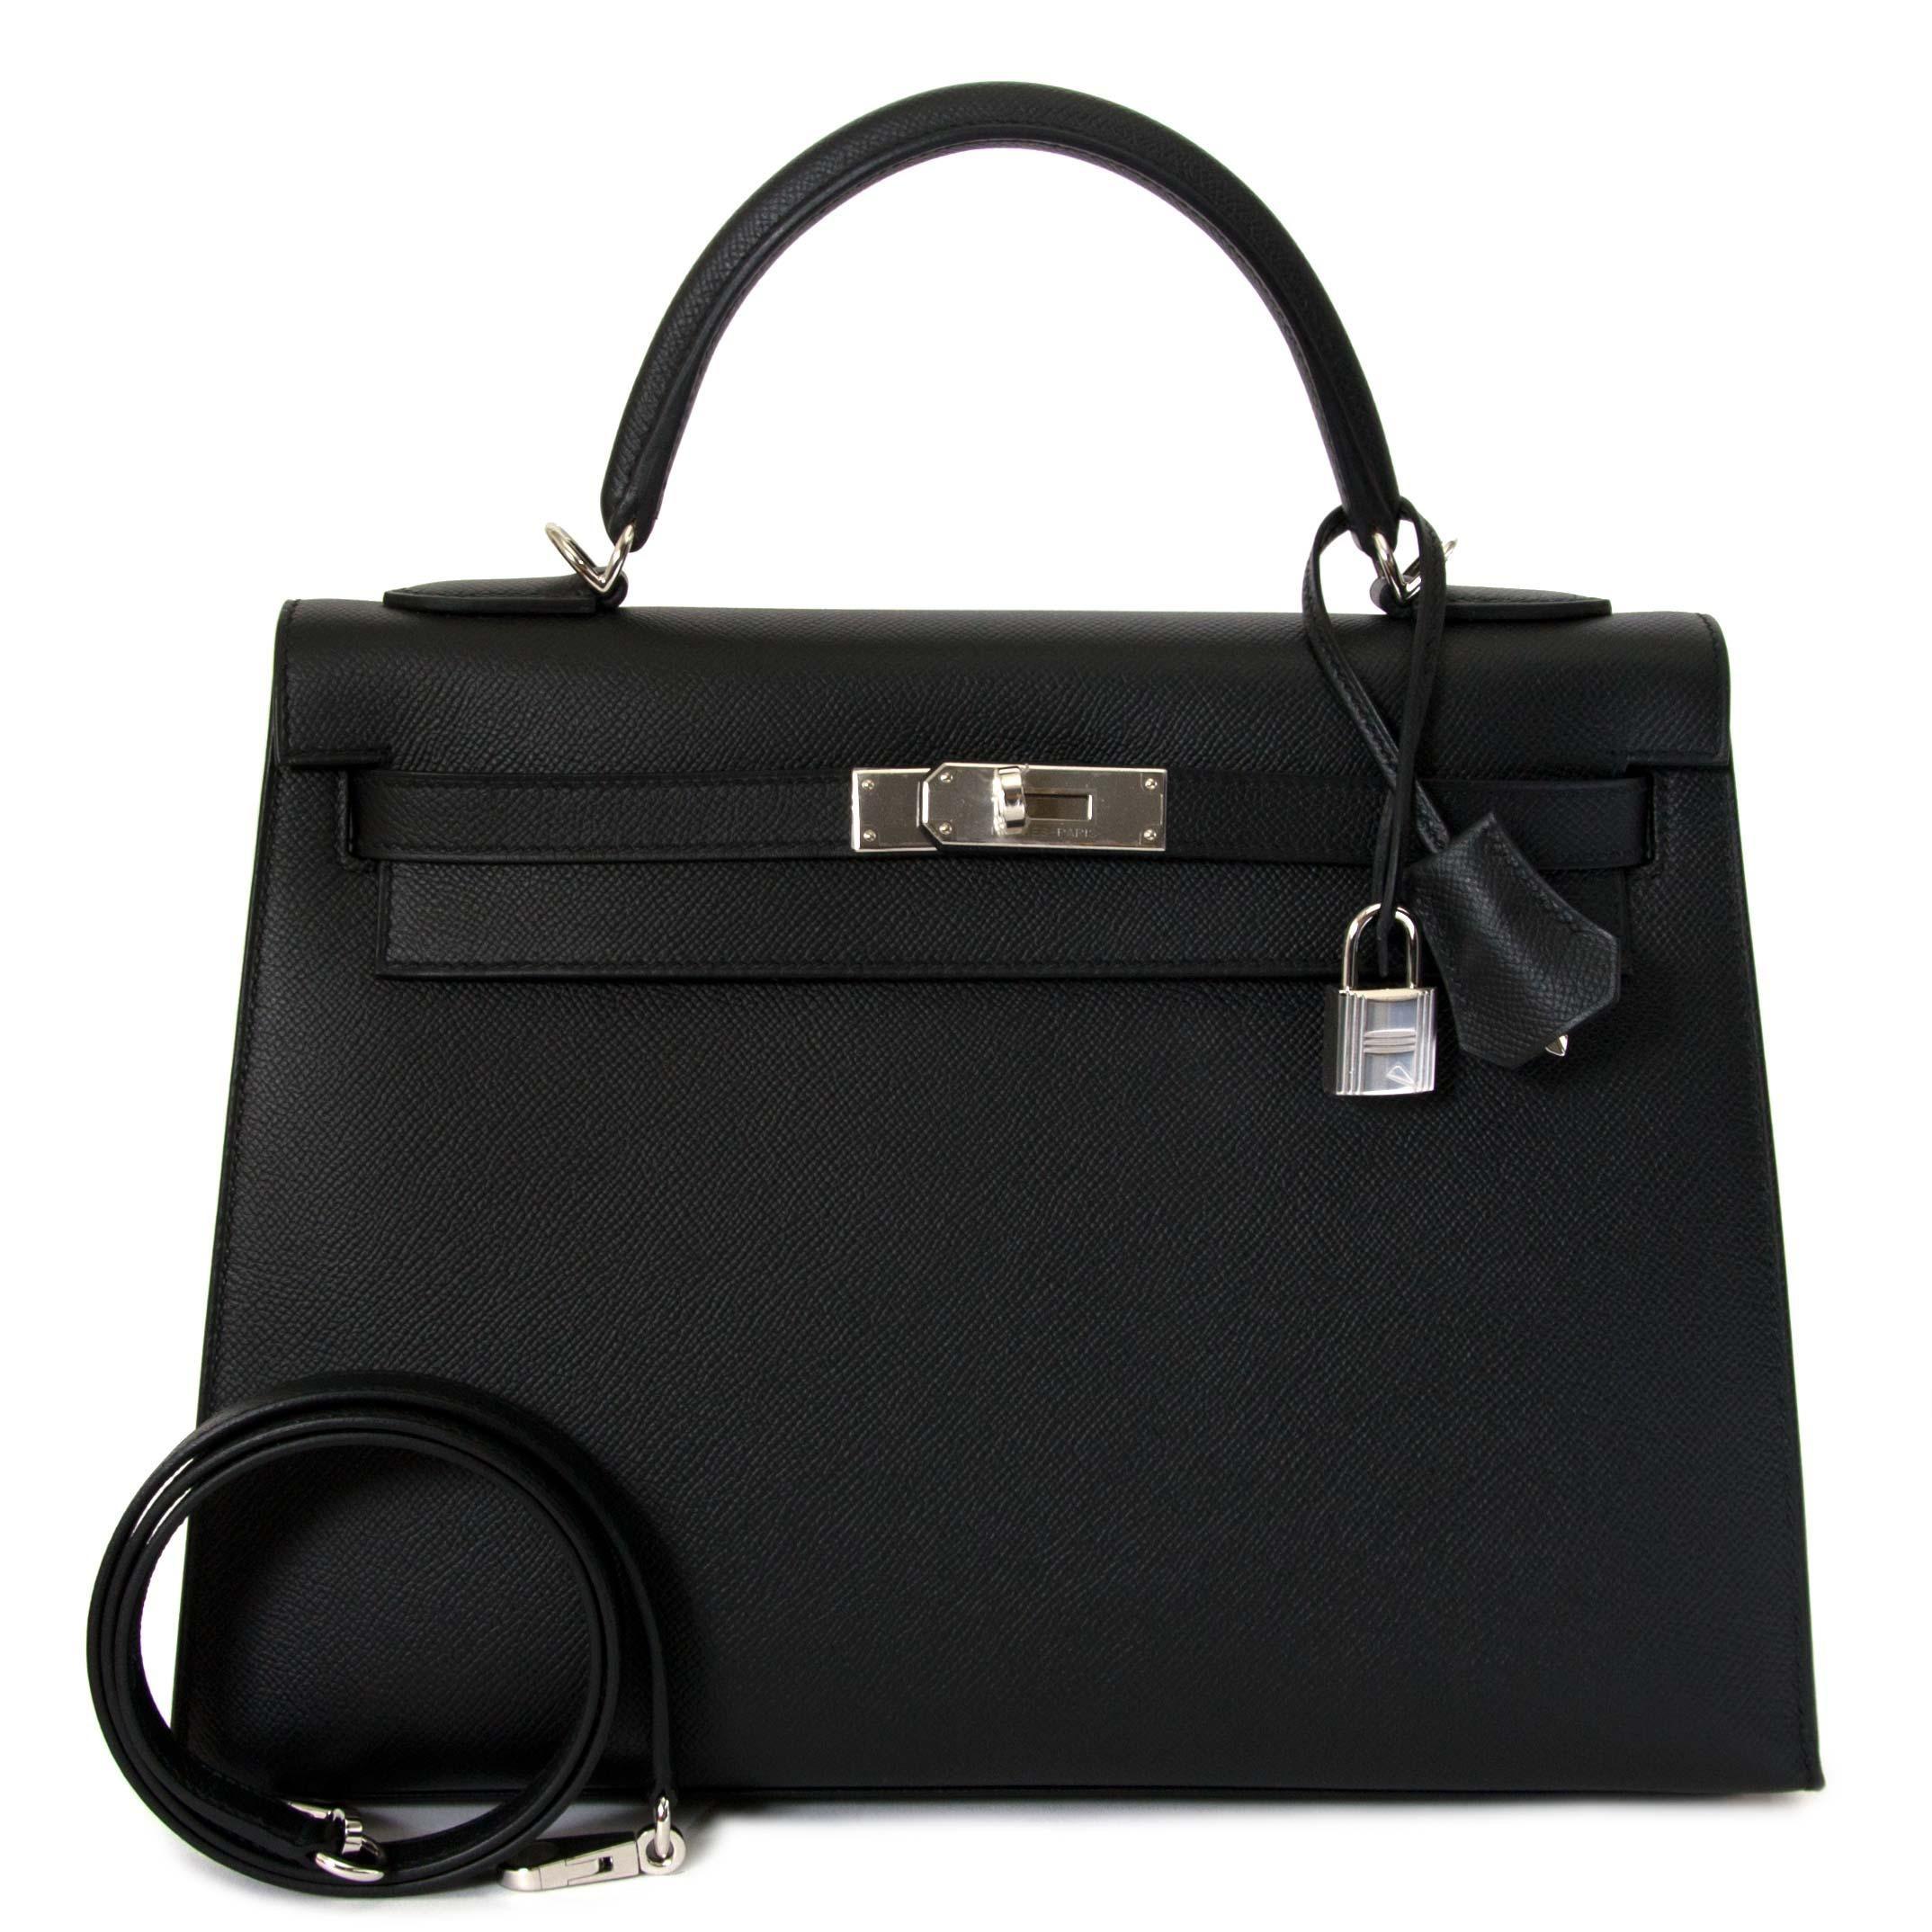 2125346a1b8b BRAND NEW Hermès Kelly Bag 28 Togo Vert Fonce GHW With Shoulder Strap at  1stdibs